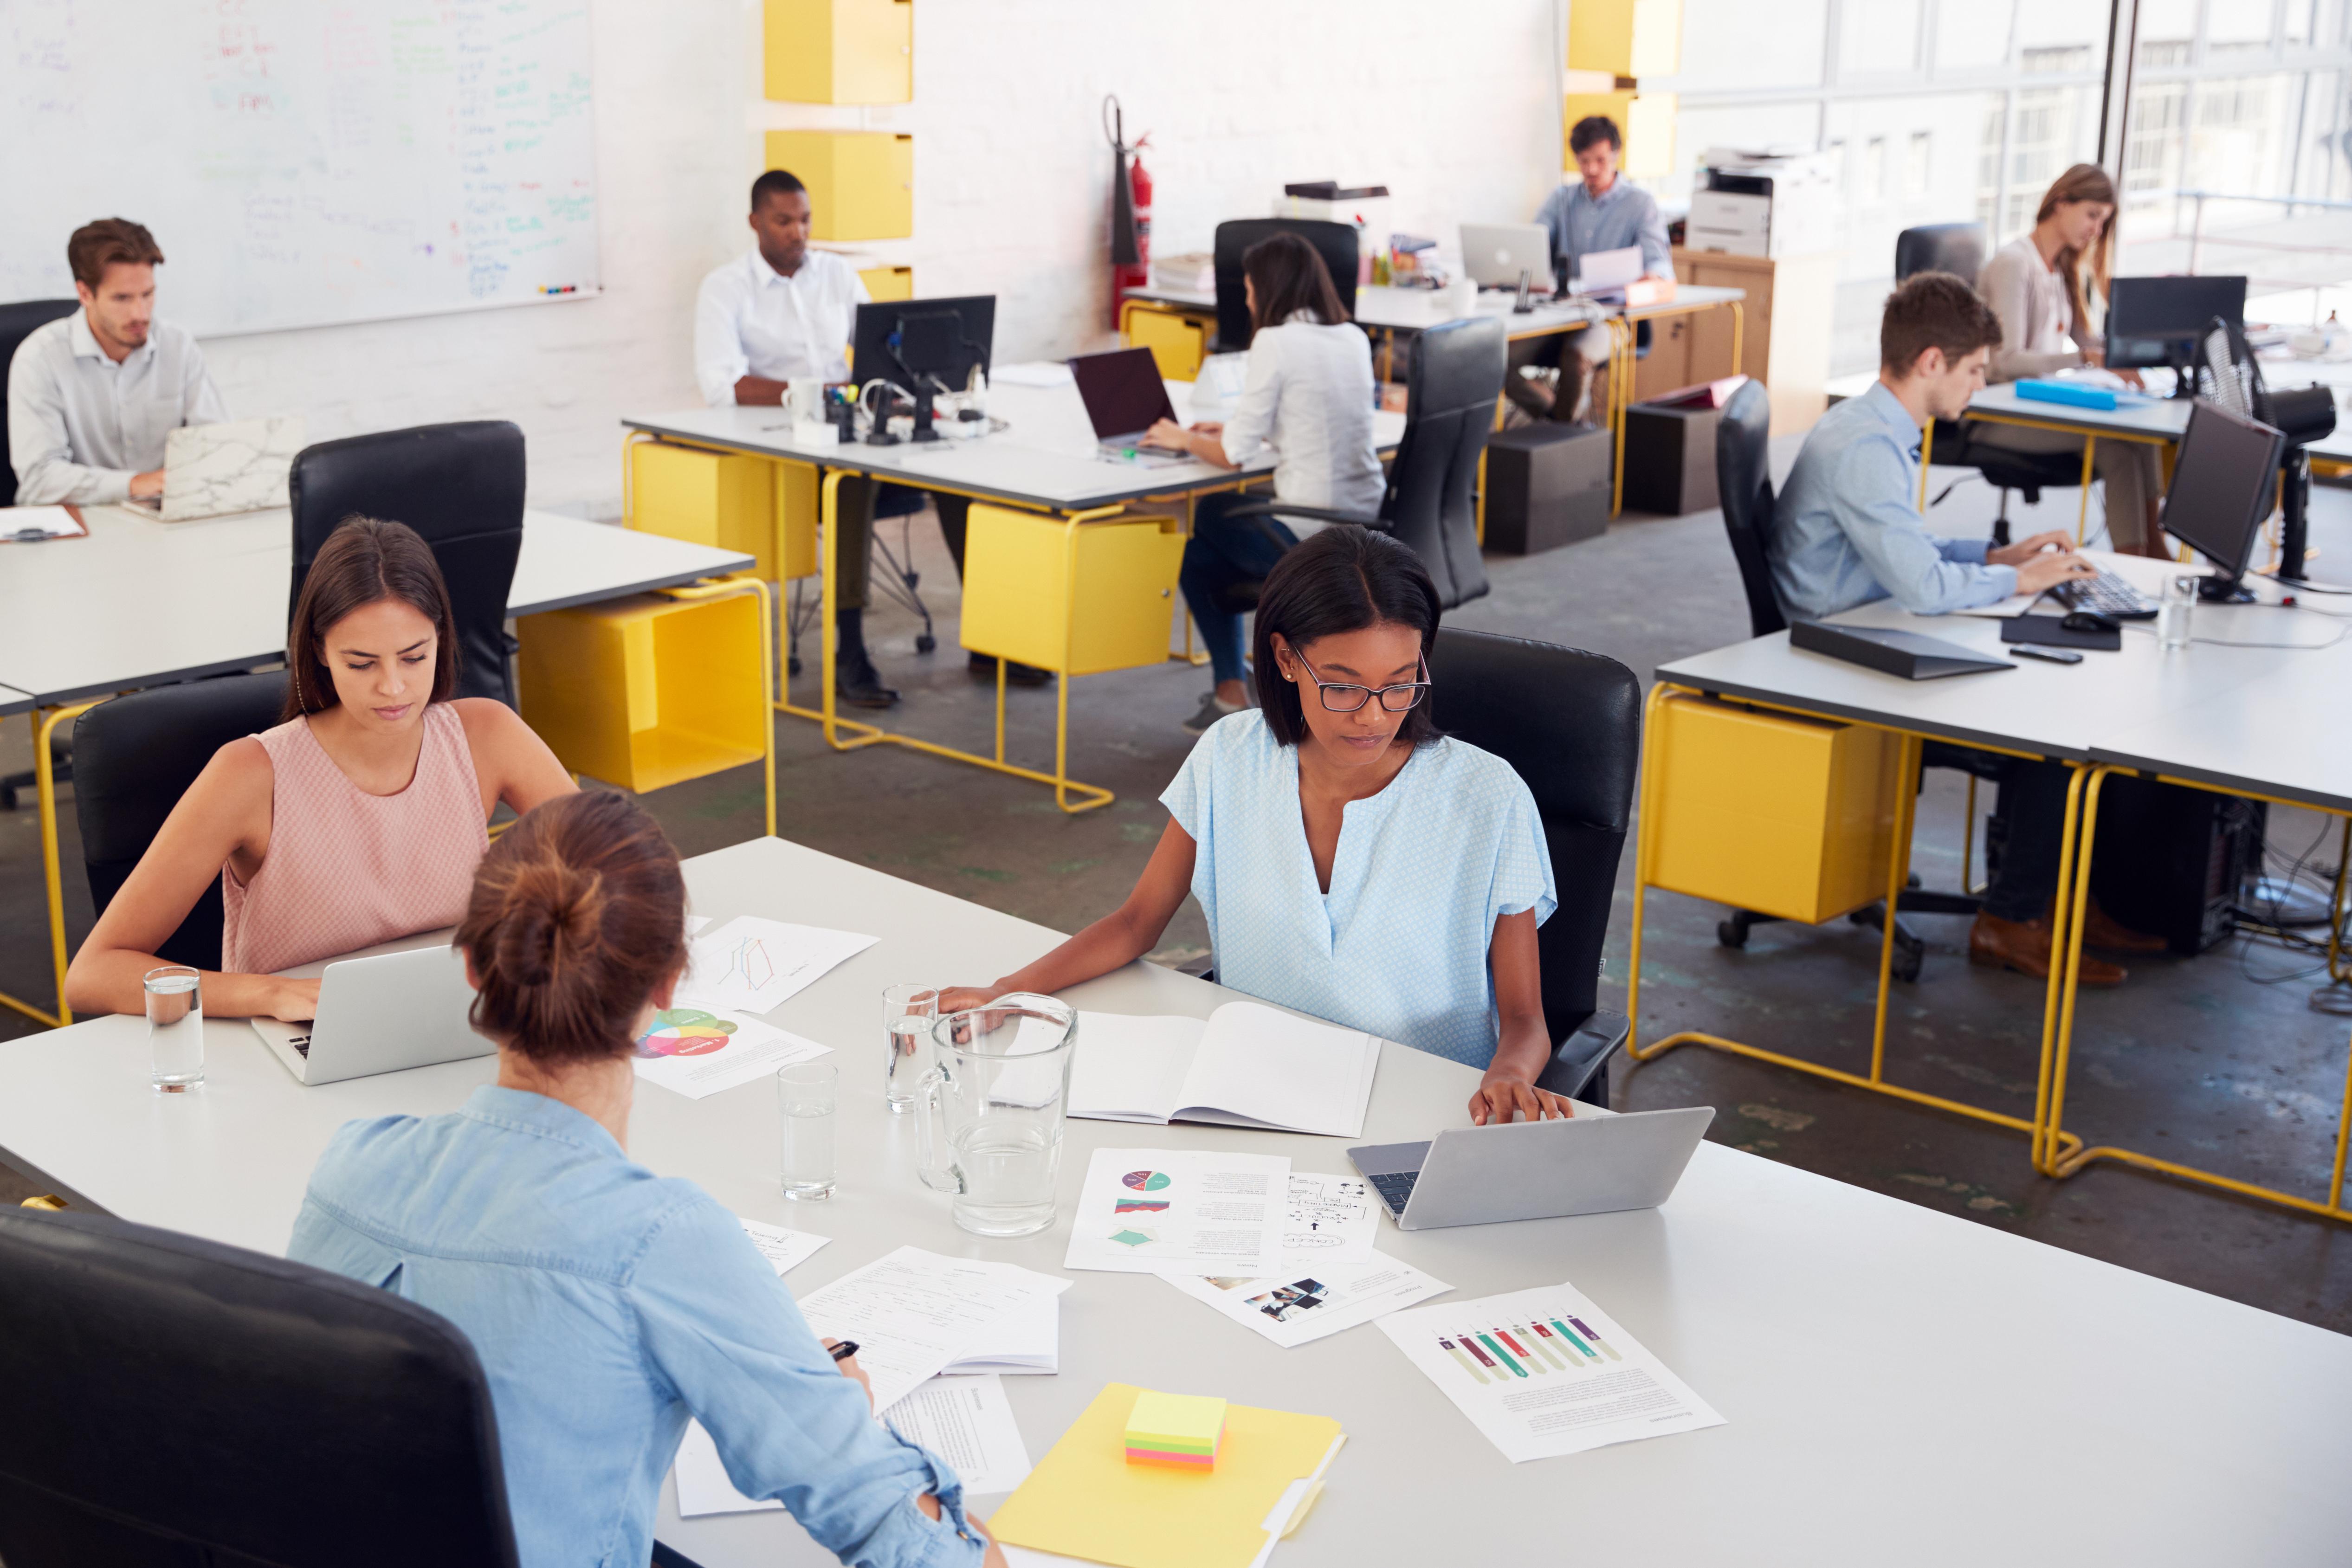 Büros , undefined - Hochwertige Büros am Verkehrsknotenpunkt Langenhagen mieten - 20